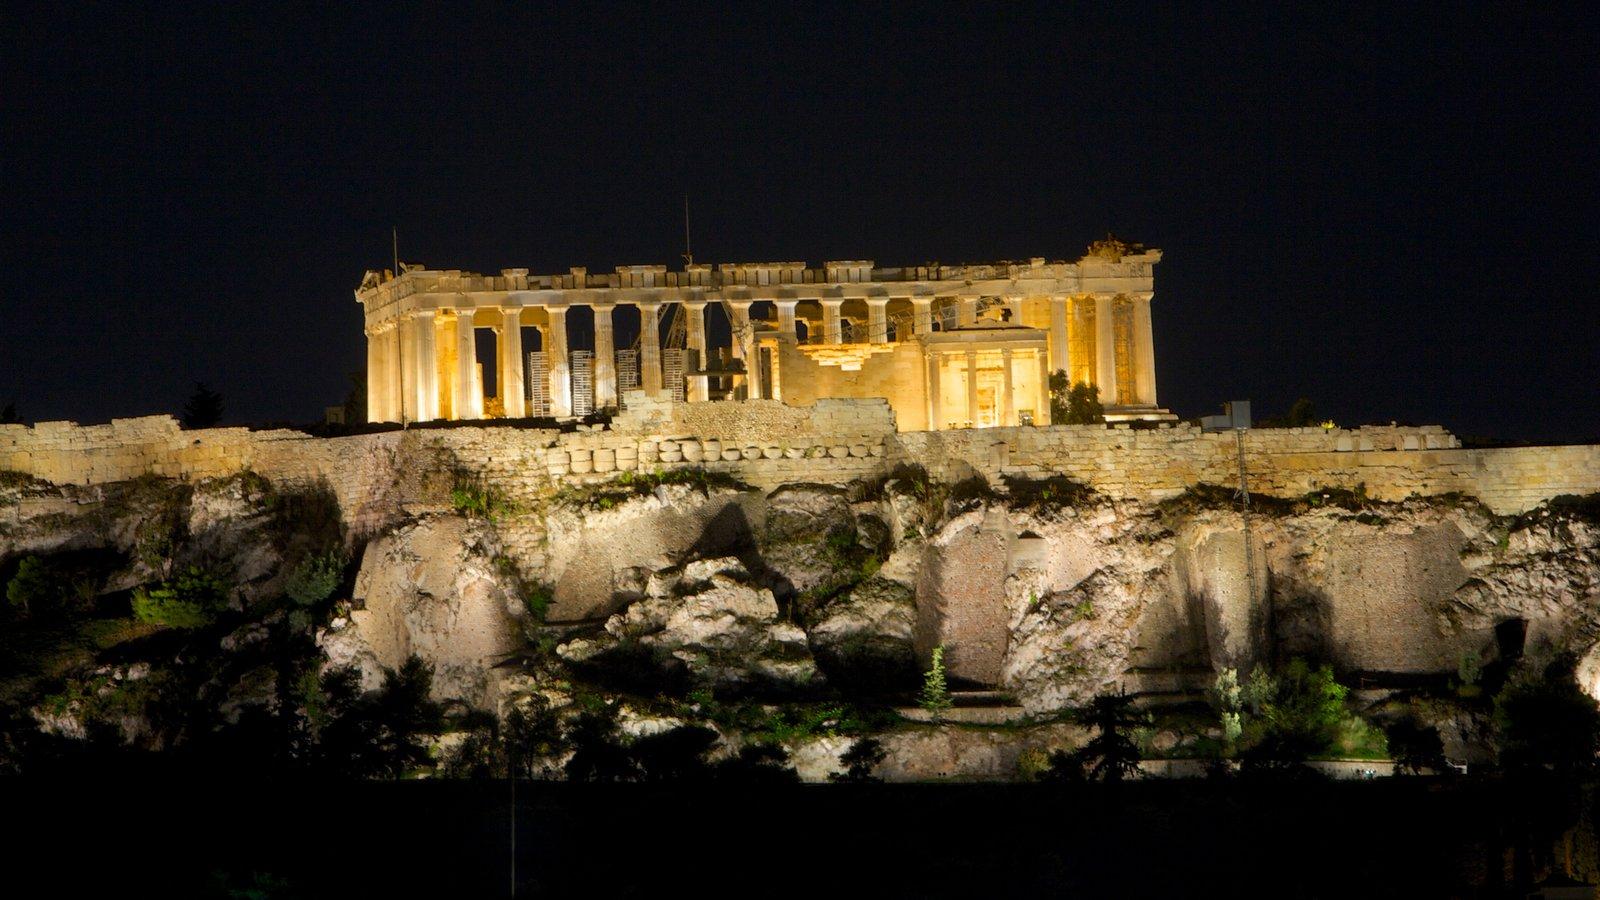 Acrópole mostrando elementos de patrimônio, arquitetura de patrimônio e ruínas de edifício